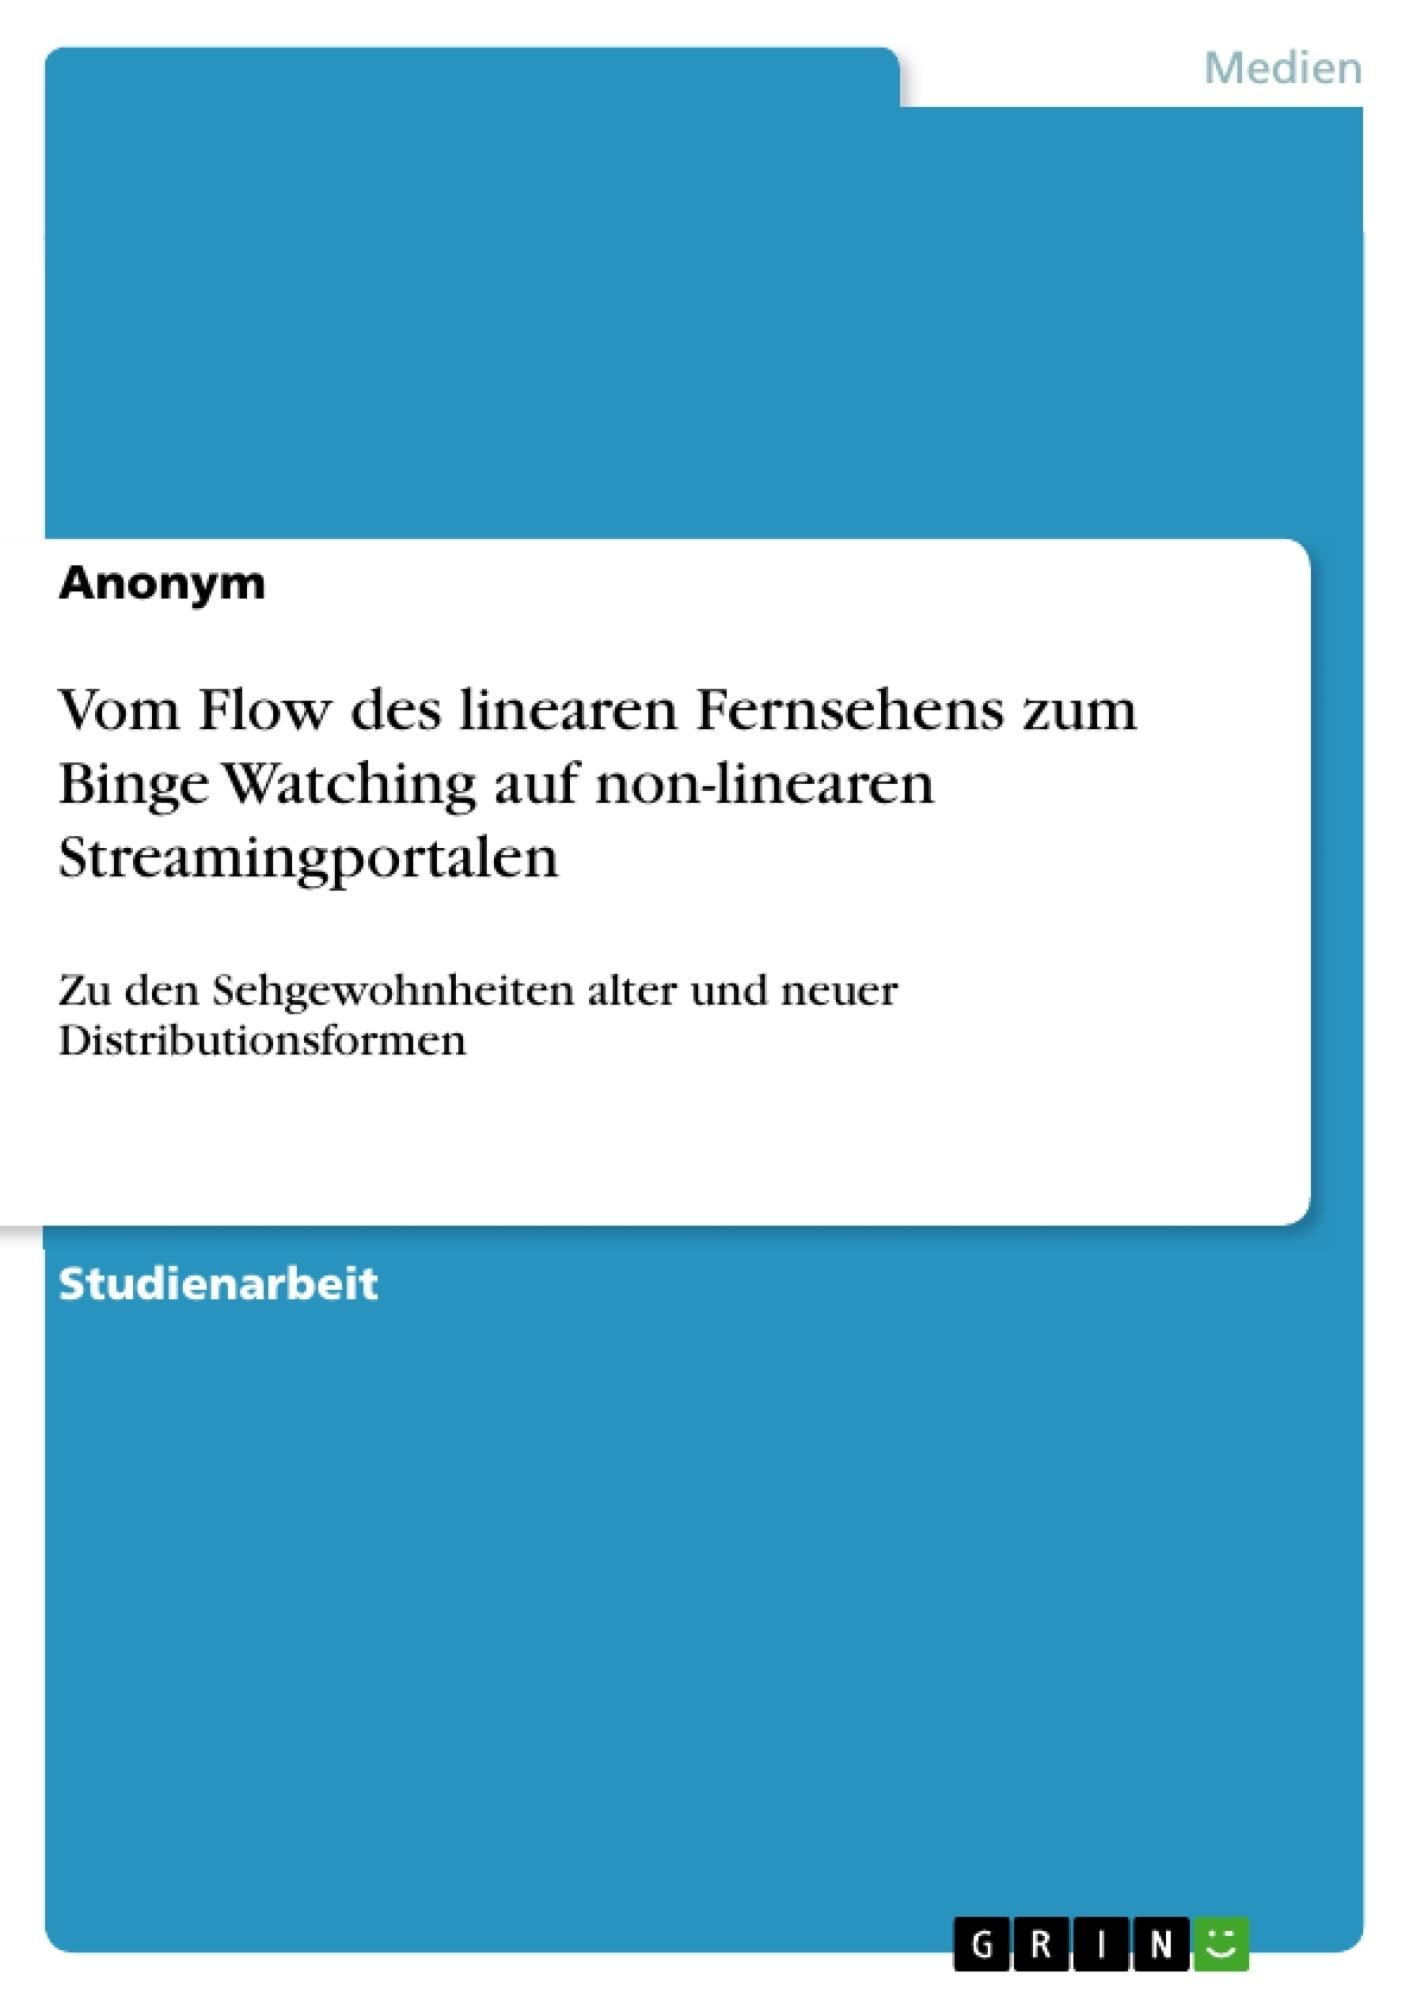 Titel: Vom Flow des linearen Fernsehens zum Binge Watching auf non-linearen Streamingportalen